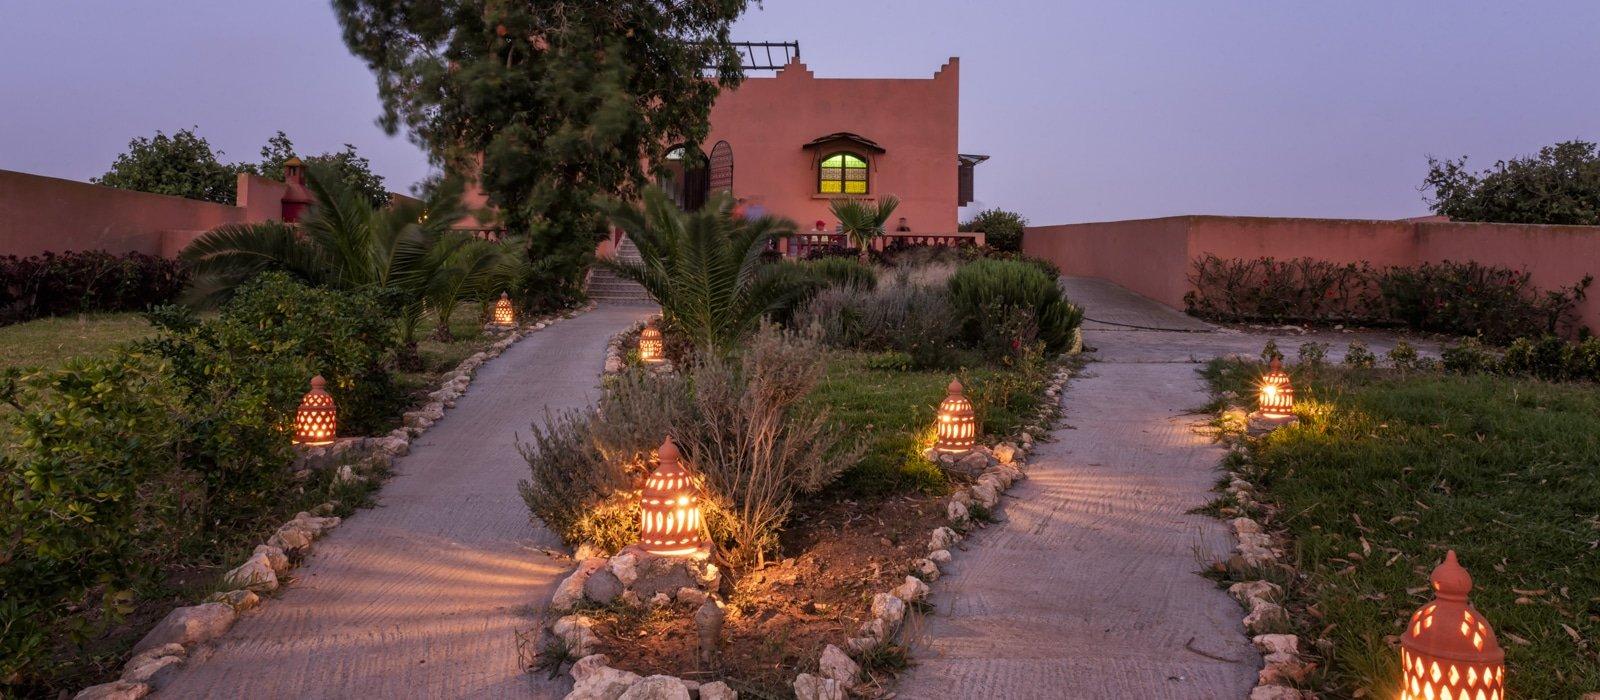 Riad à Oualidia au Maroc - Les Routes du Monde